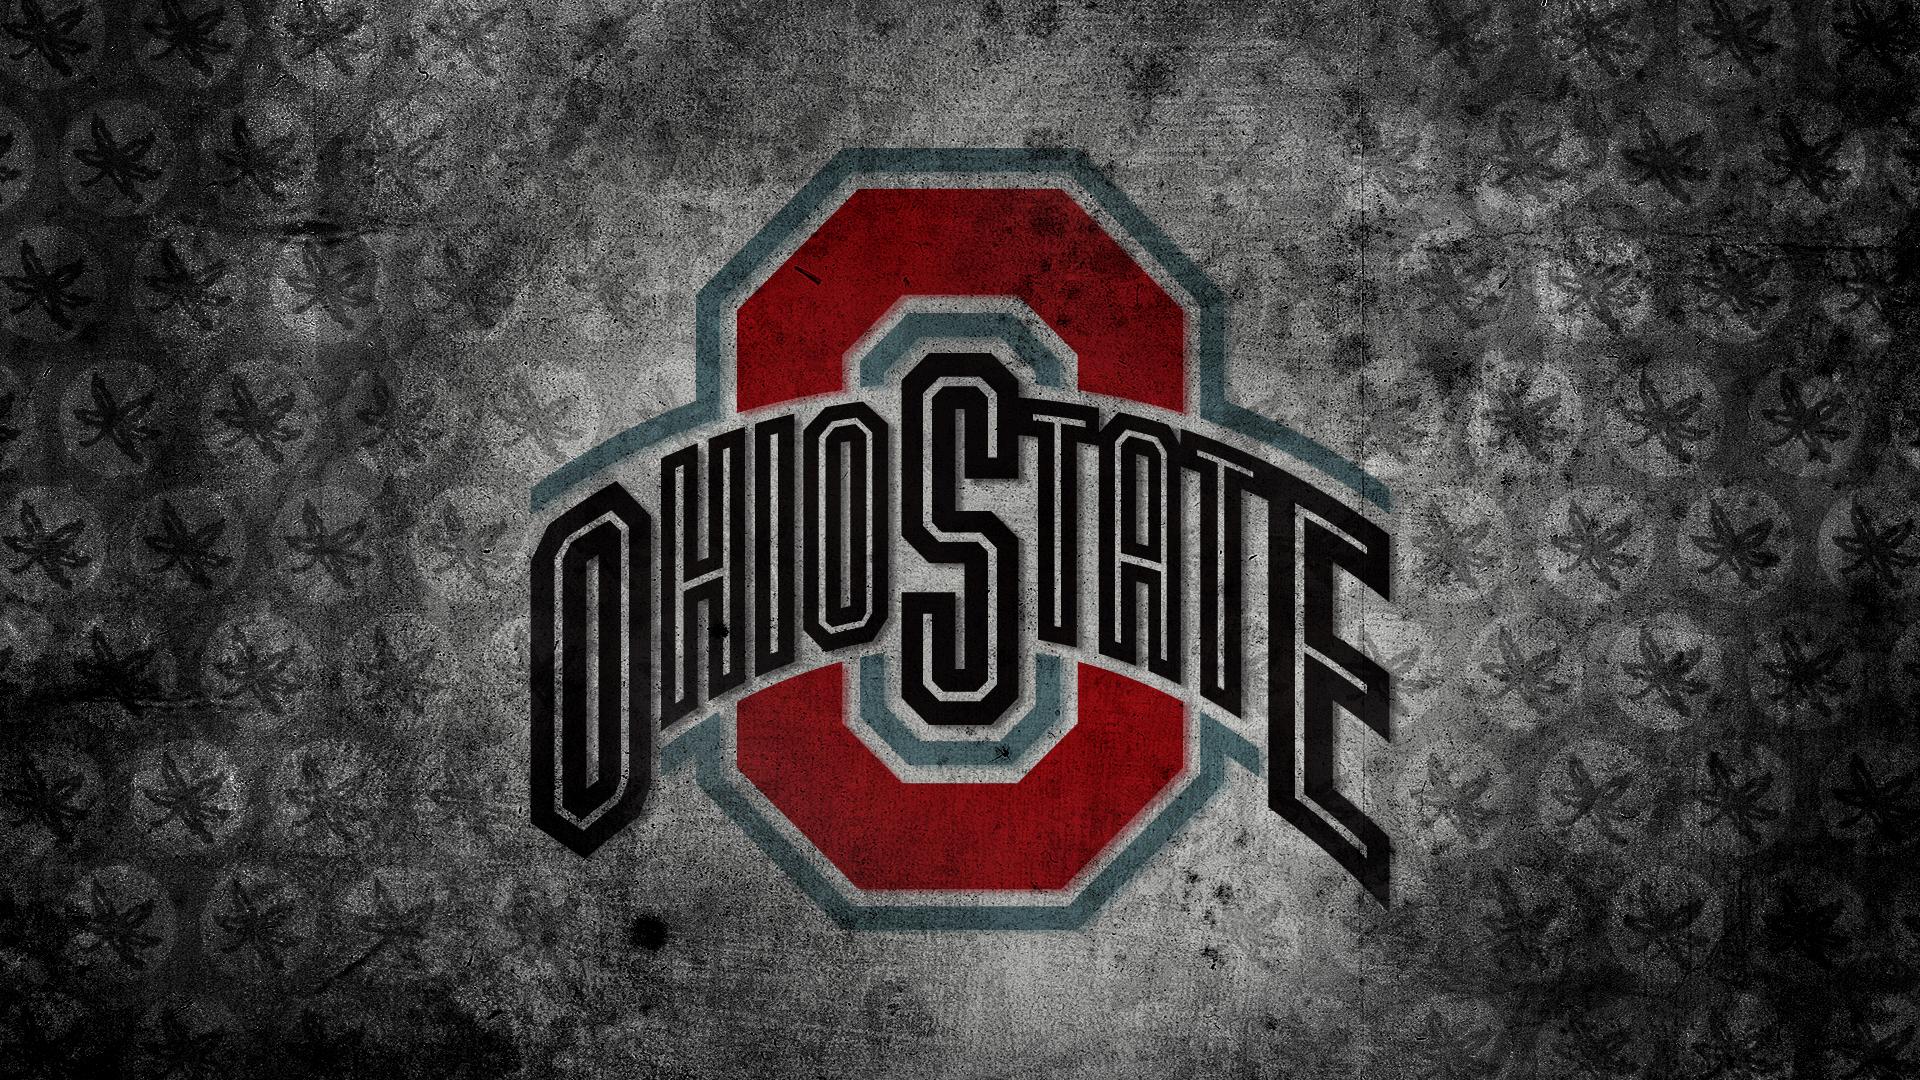 Ohio State Screen Wallpaper - WallpaperSafari